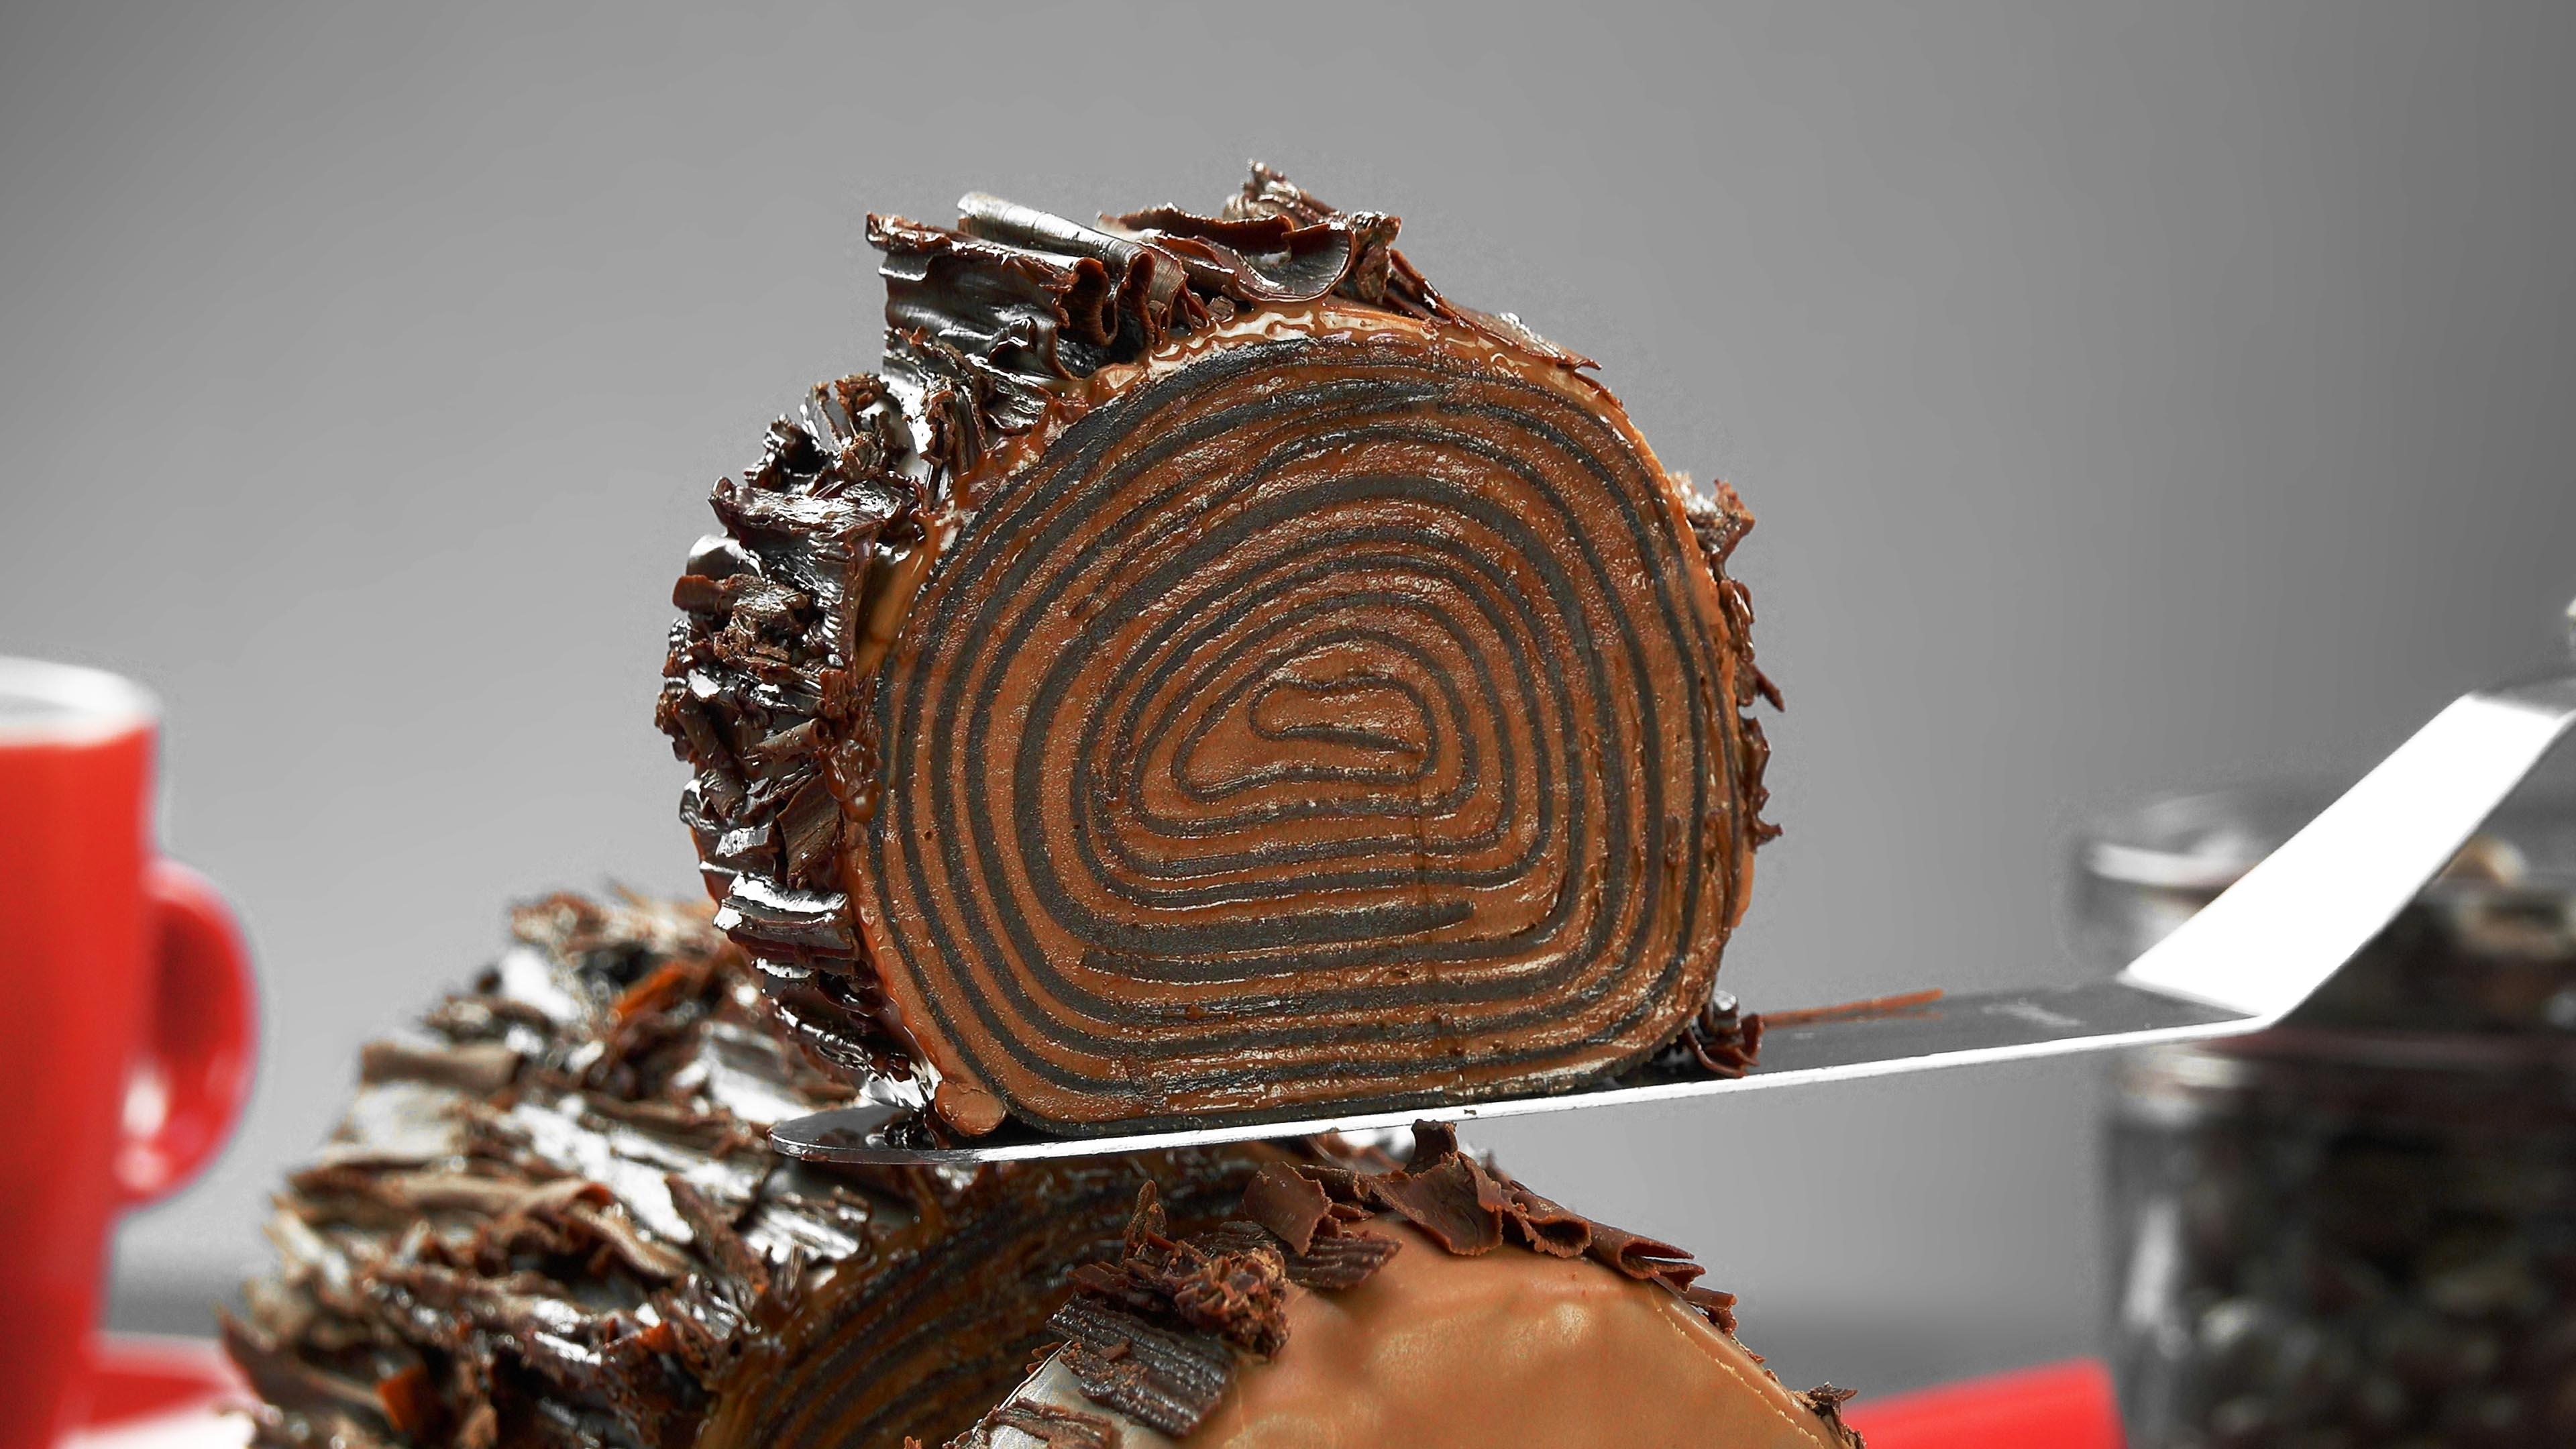 Rotolo dolce di crepes al cioccolato